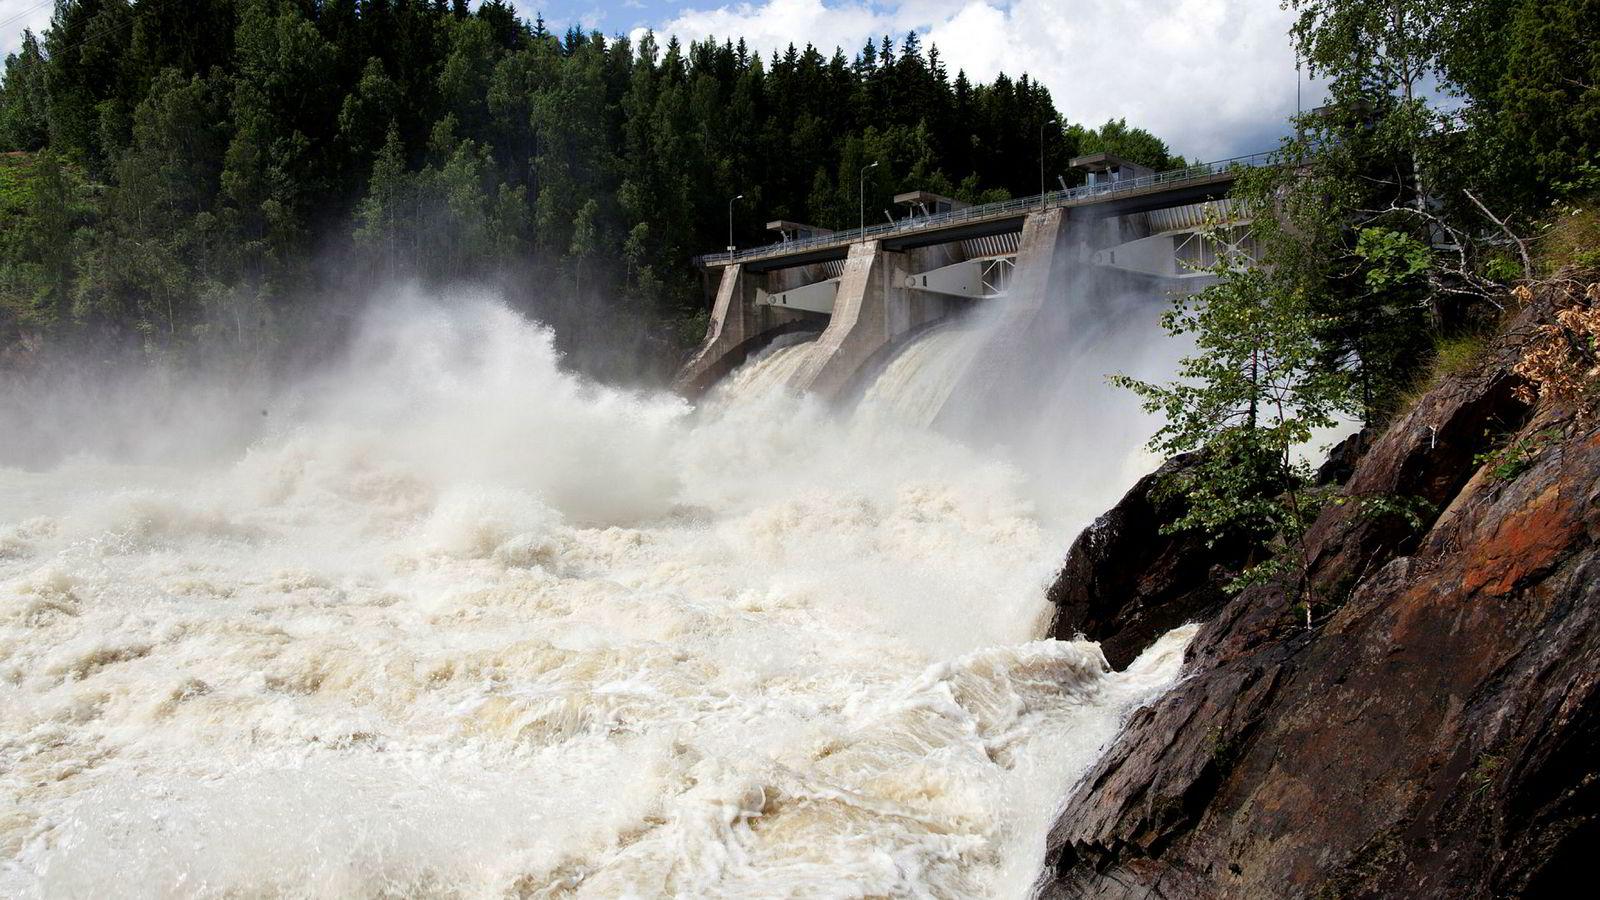 ... utallige variabler og størrelser: fra fysiske egenskaper ved vannveiene mellom øverste reservoar og nederste kraftstasjon, til spørsmål om hvor effektiv hver turbin blir om den får mer eller mindre vann.